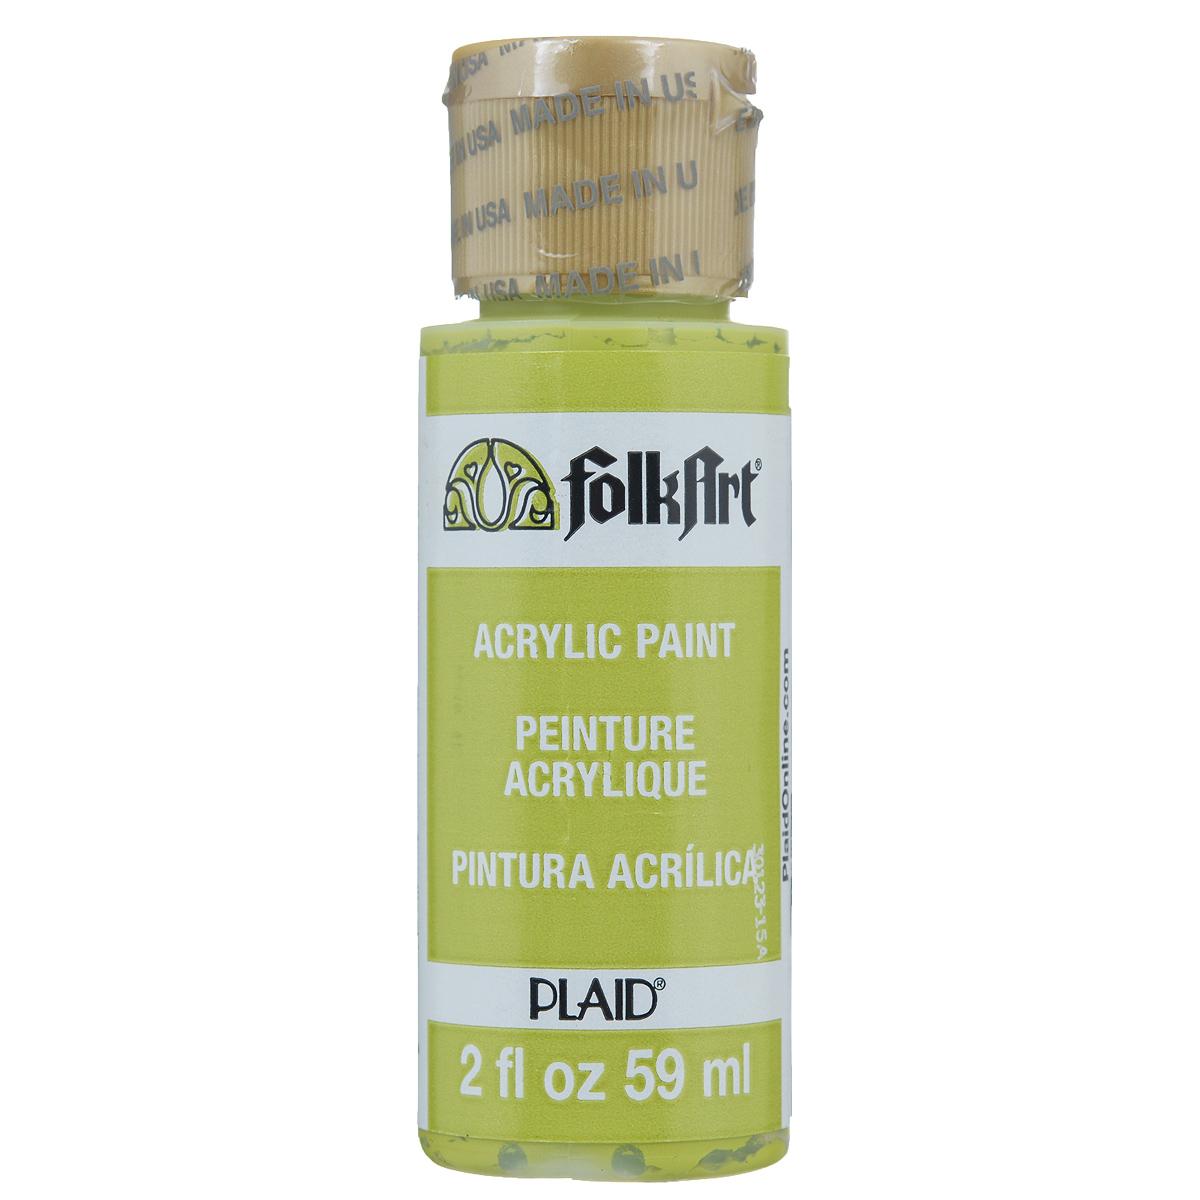 Акриловая краска FolkArt, цвет: цитрон, 59 млPLD-00503Акриловая краска FolkArt выполнена на водной основе и предназначена для рисования на пористых поверхностях. Краска устойчива к погодным и ультрафиолетовым воздействиям. Не нуждается в дополнительном покрытии герметиком. После высыхания имеет глянцевый вид. Изделия покрытые краской FolkArt, прекрасно дополнят ваш интерьер. Объем: 59 мл.